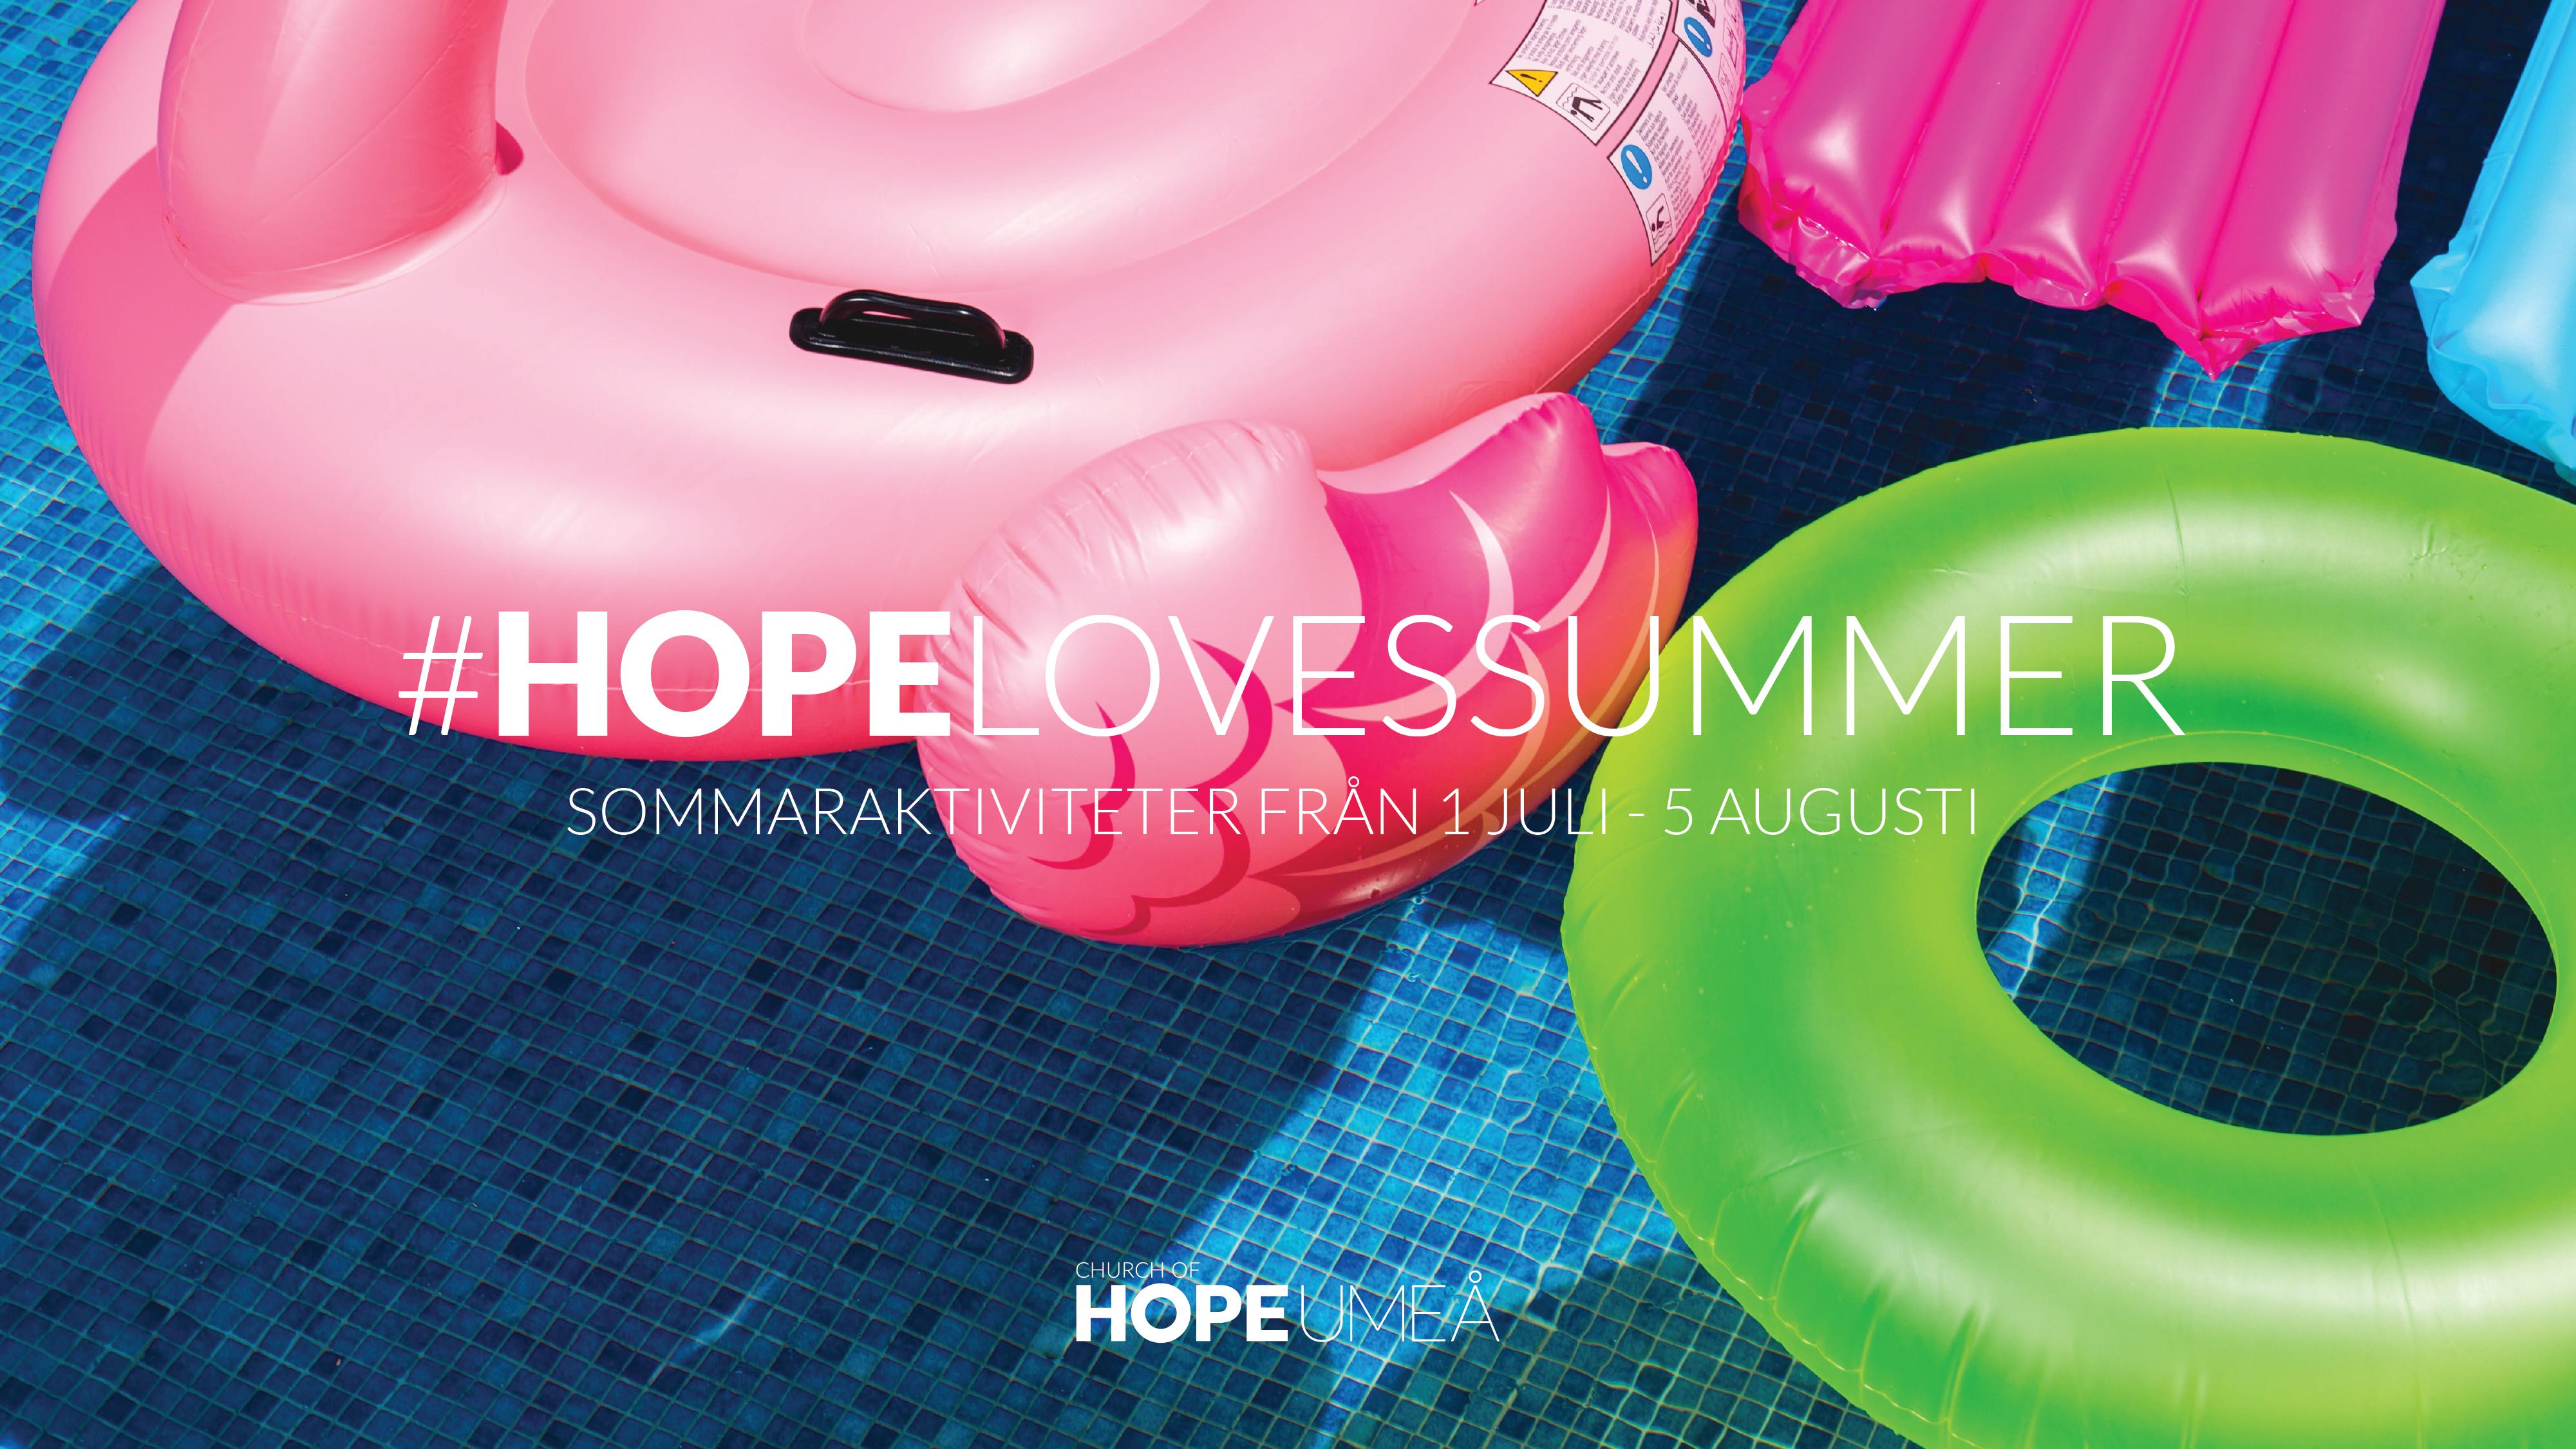 Hope loves summer